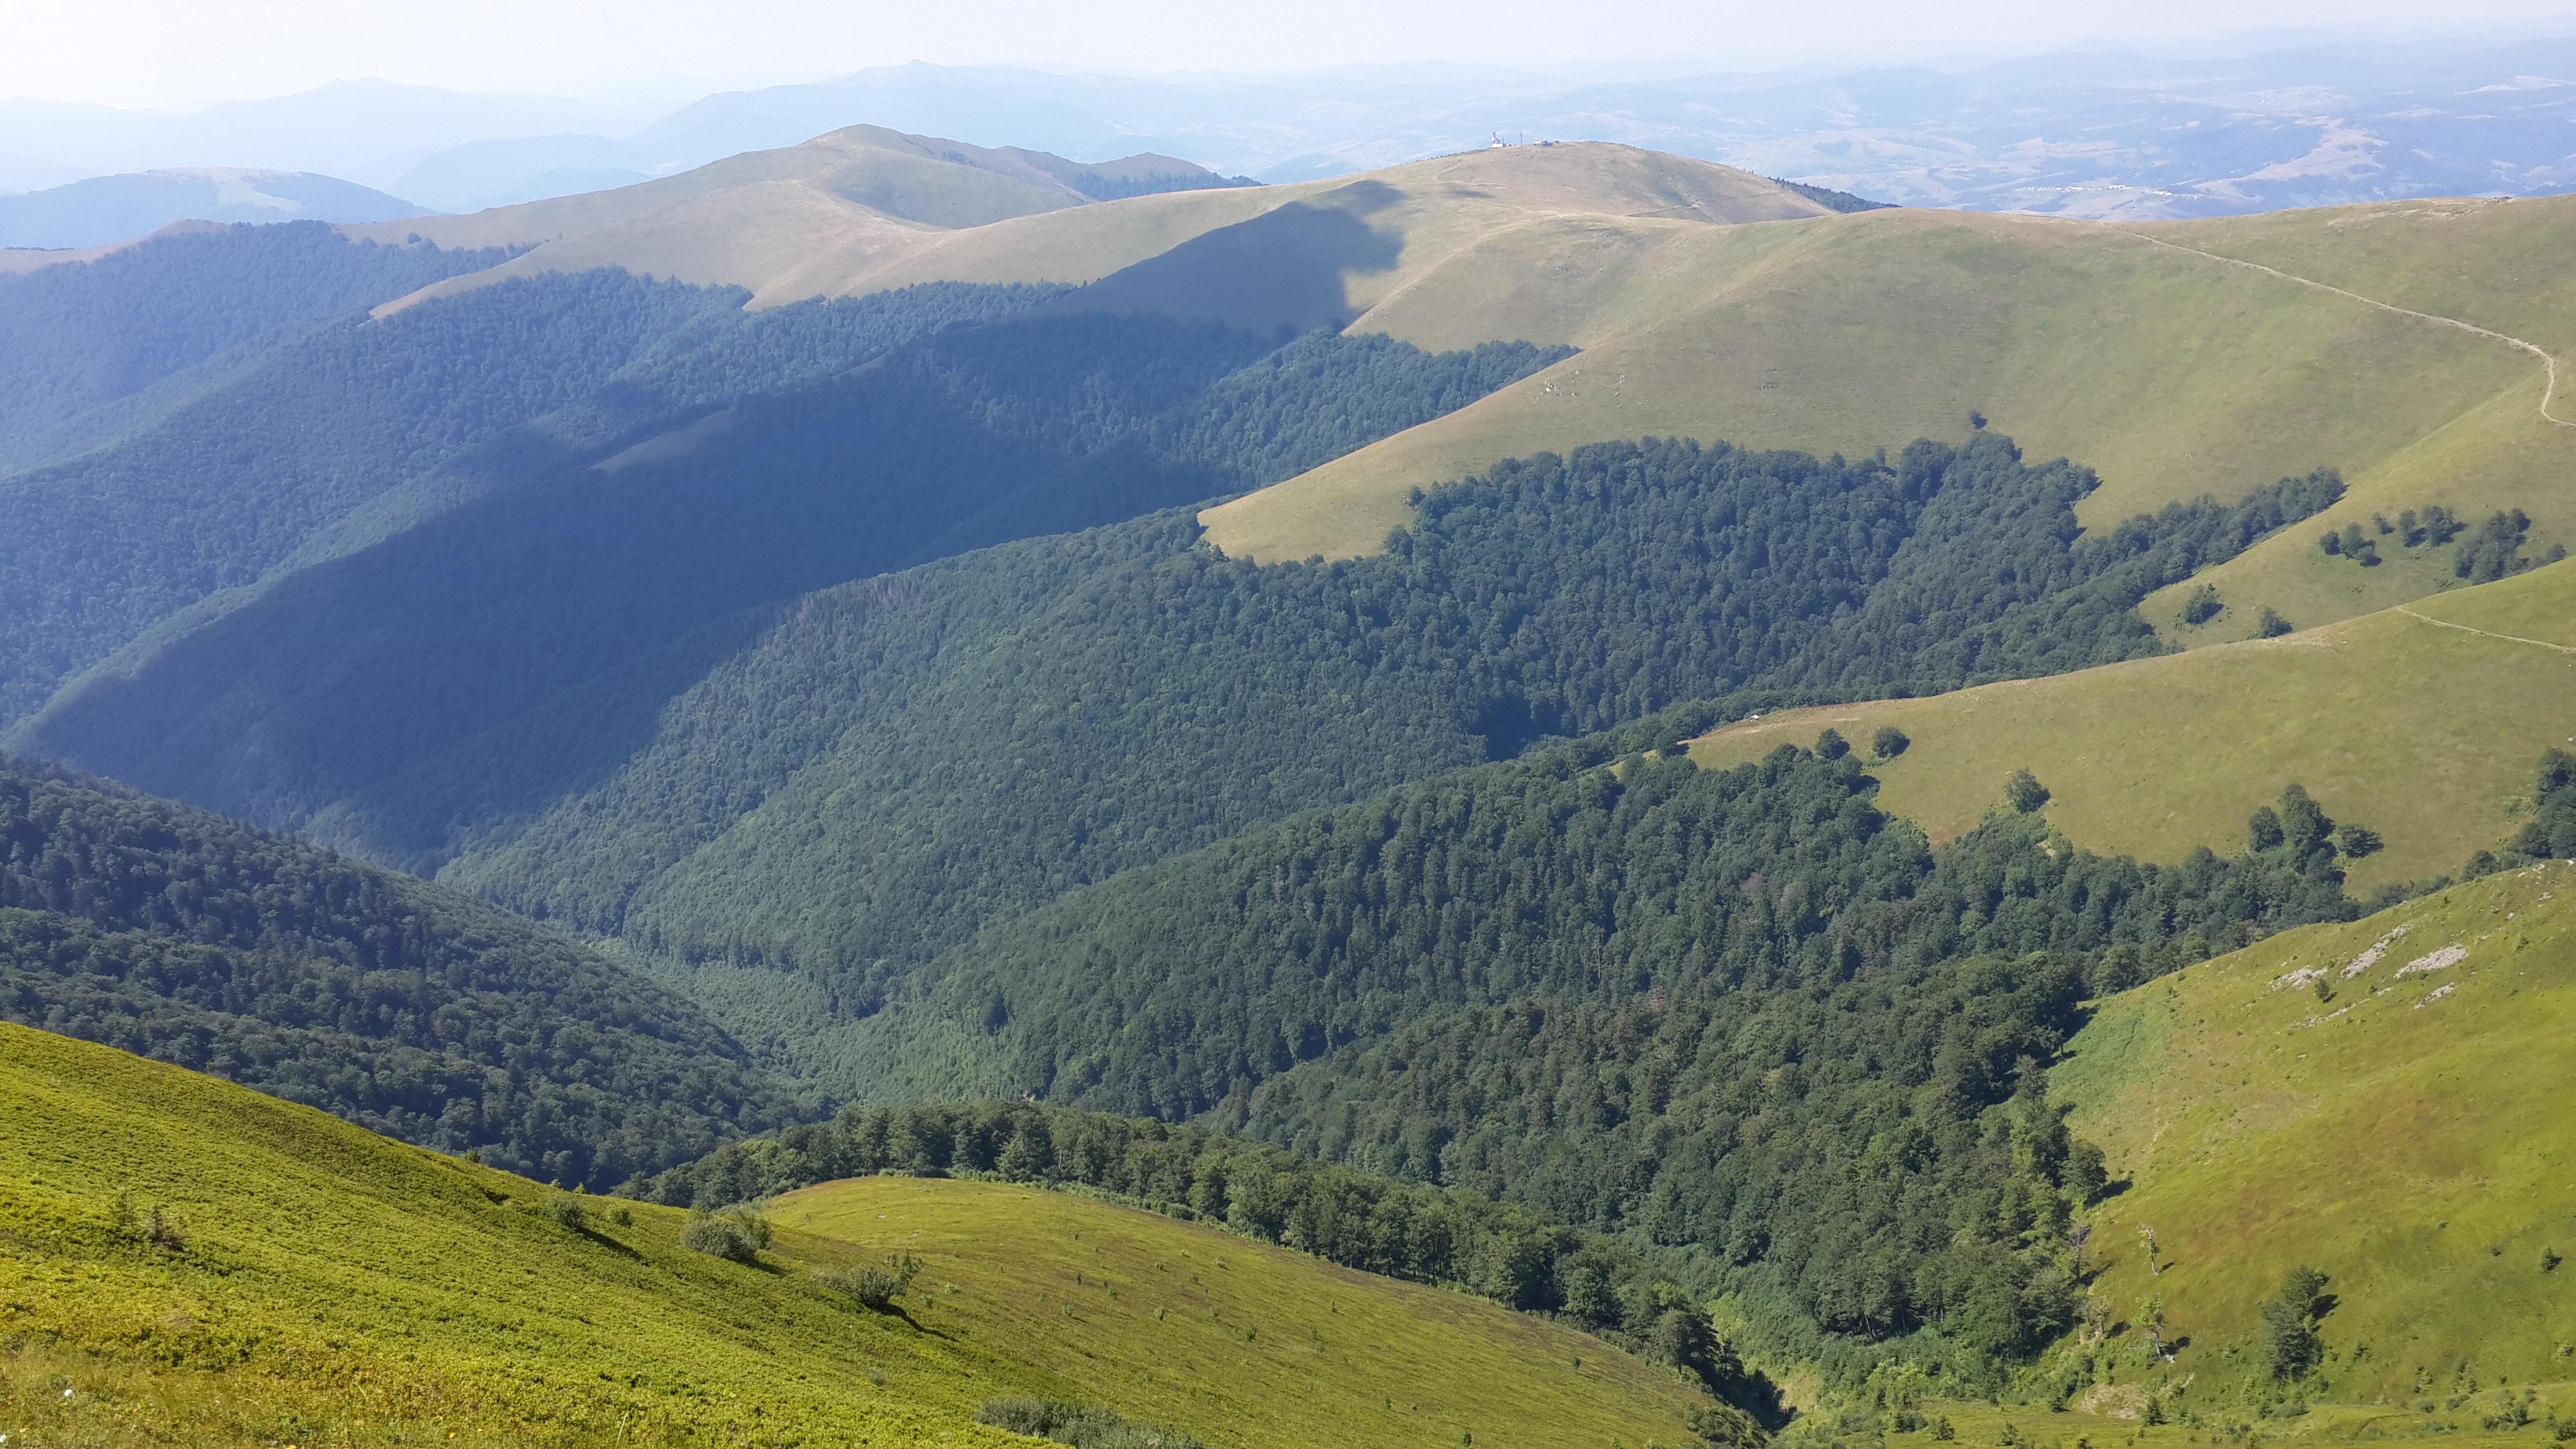 Піші походи вихідного дня, полонина Боржава – Українські Карпати